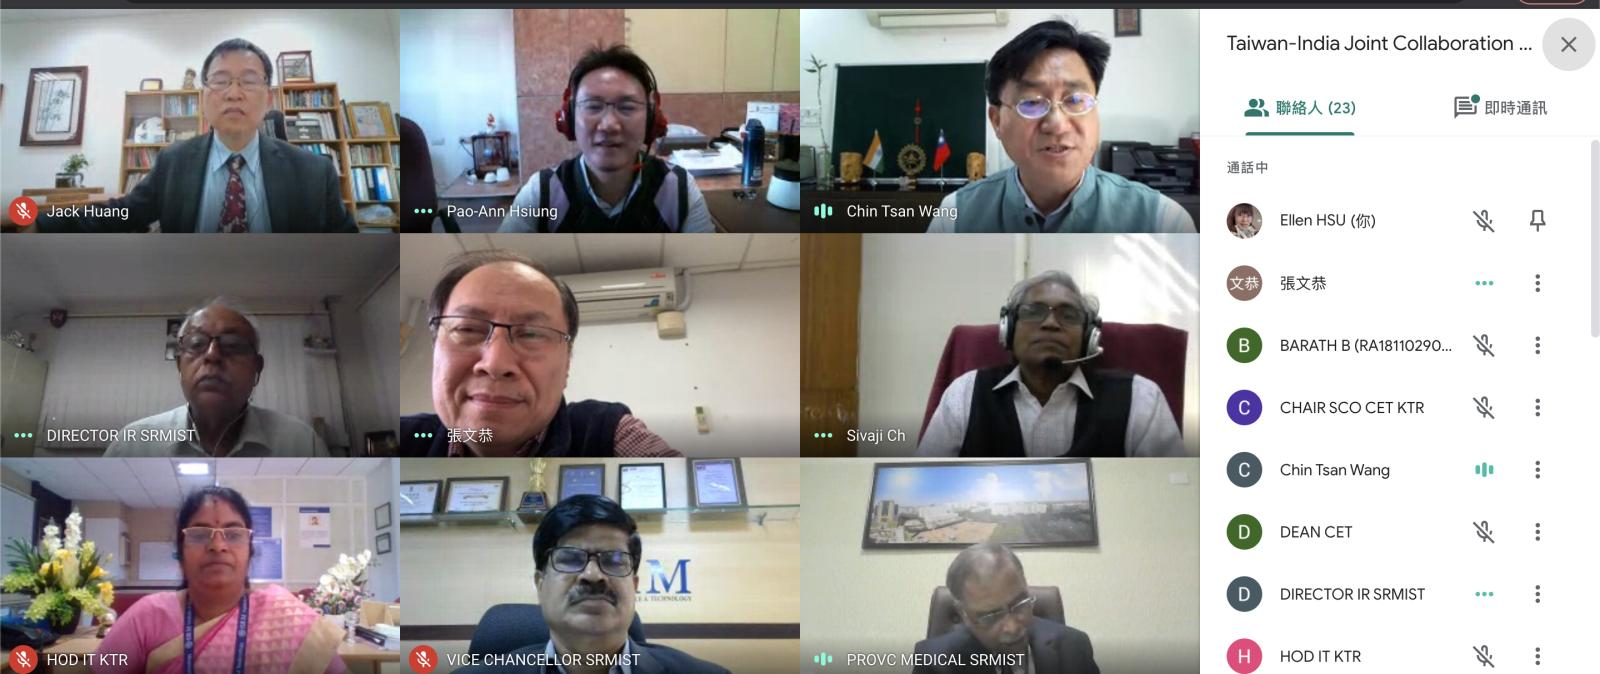 中正大學印度台灣人工智慧海外科研中心與印度SRM科技學院24日舉行線上成果發表會,說明雙方合作開發的智慧防疫系統,預計7月在SRM科技學院啟用。